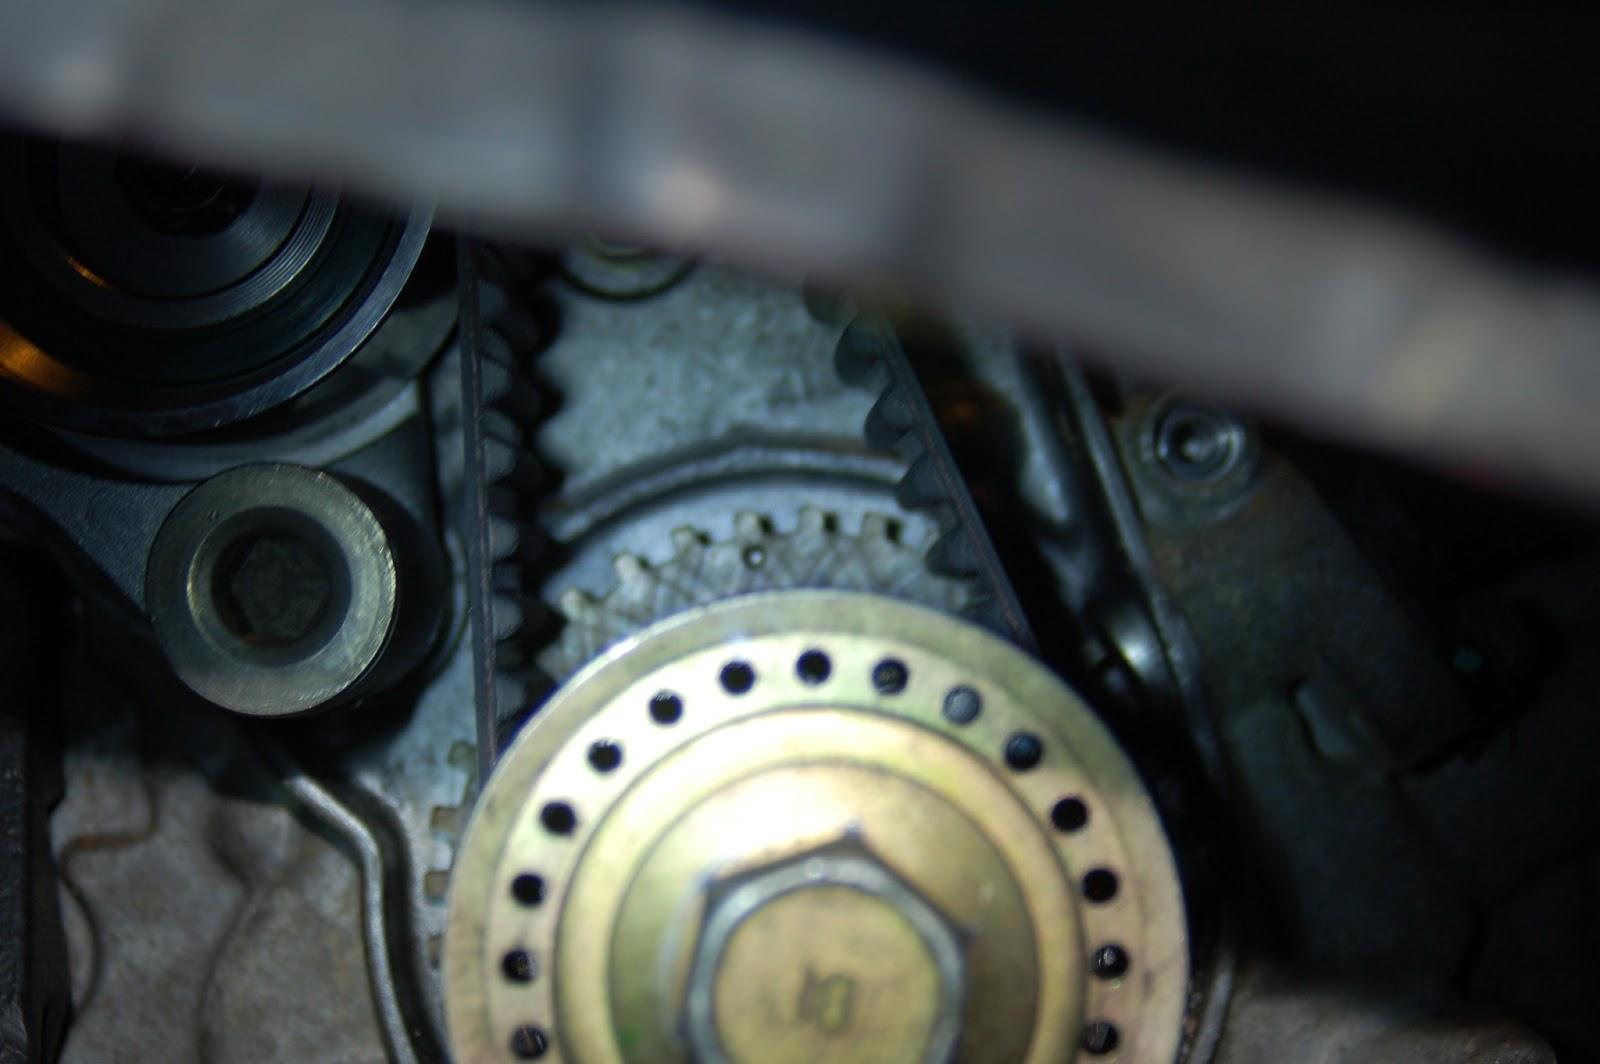 Toyota 2004 Sienna Repair 2004 Sienna Timing Belt Water